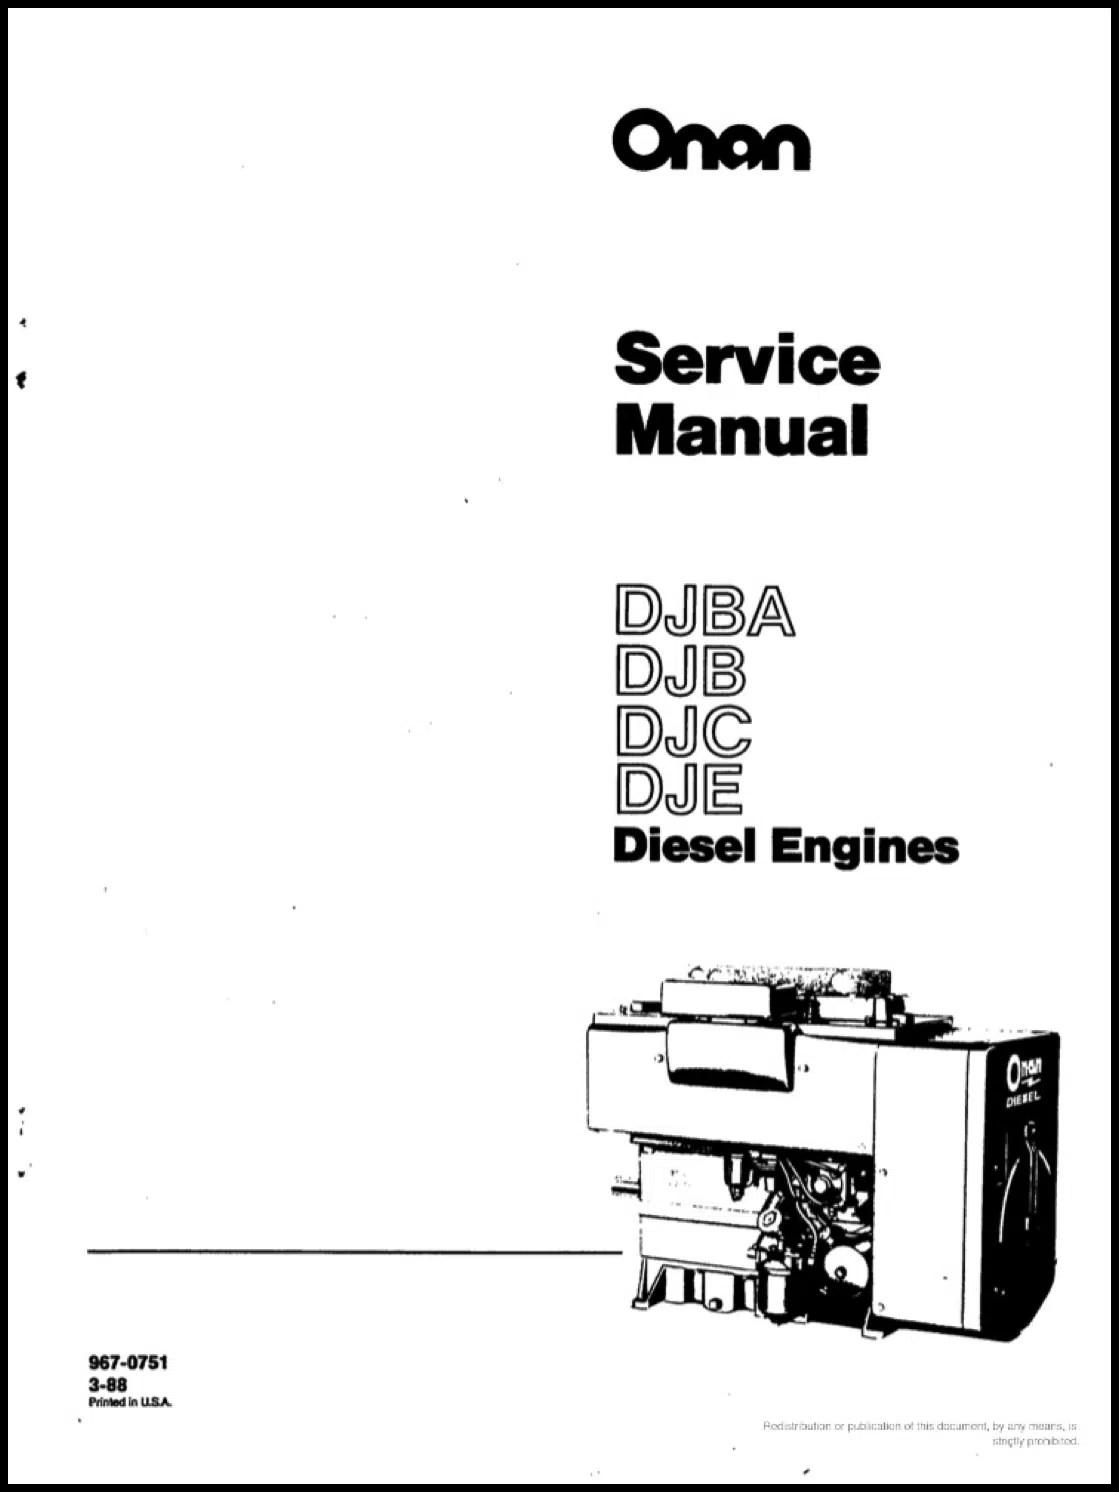 Cover Of Onan Service Manual Djba Djb Djc Dje